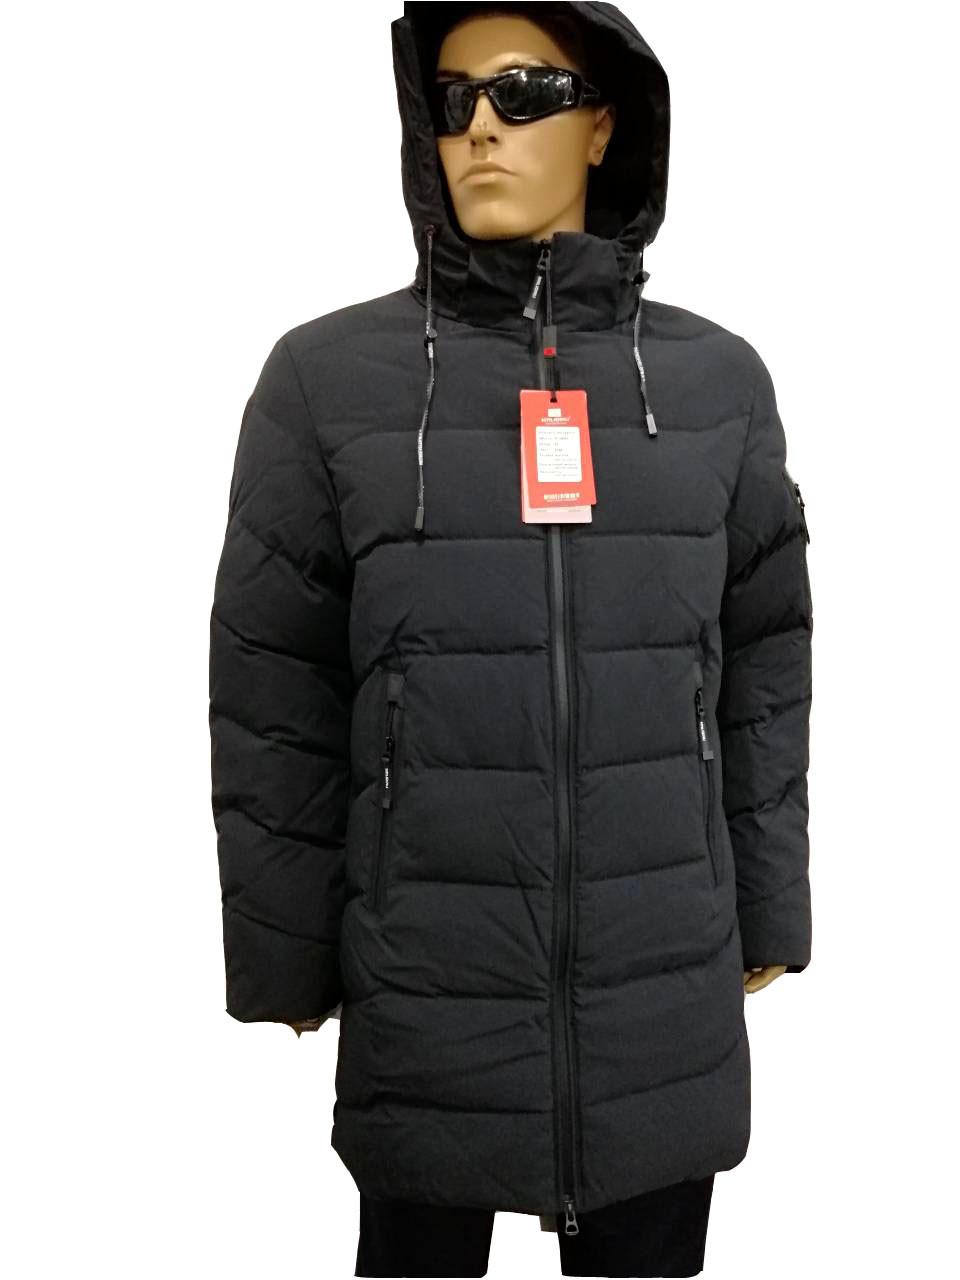 Куртка мужская зимняя Malidinu на синтепоне Модель 18901 фирмы Малидину Серо-синяя